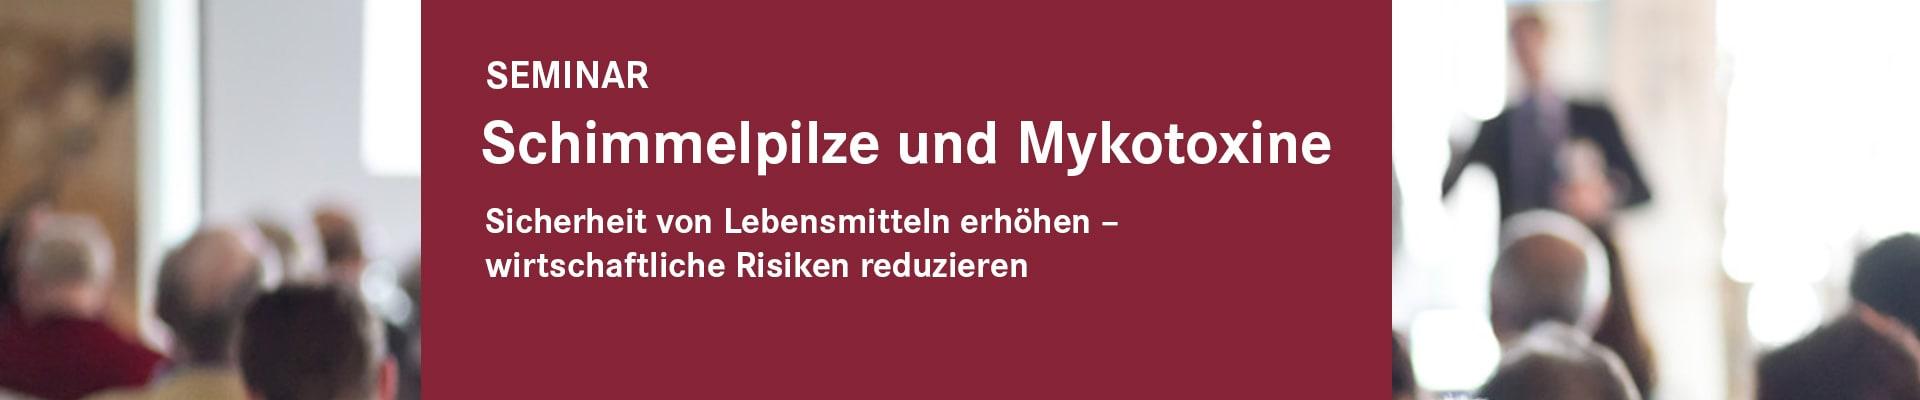 Schimmelpilze und Mykotoxine